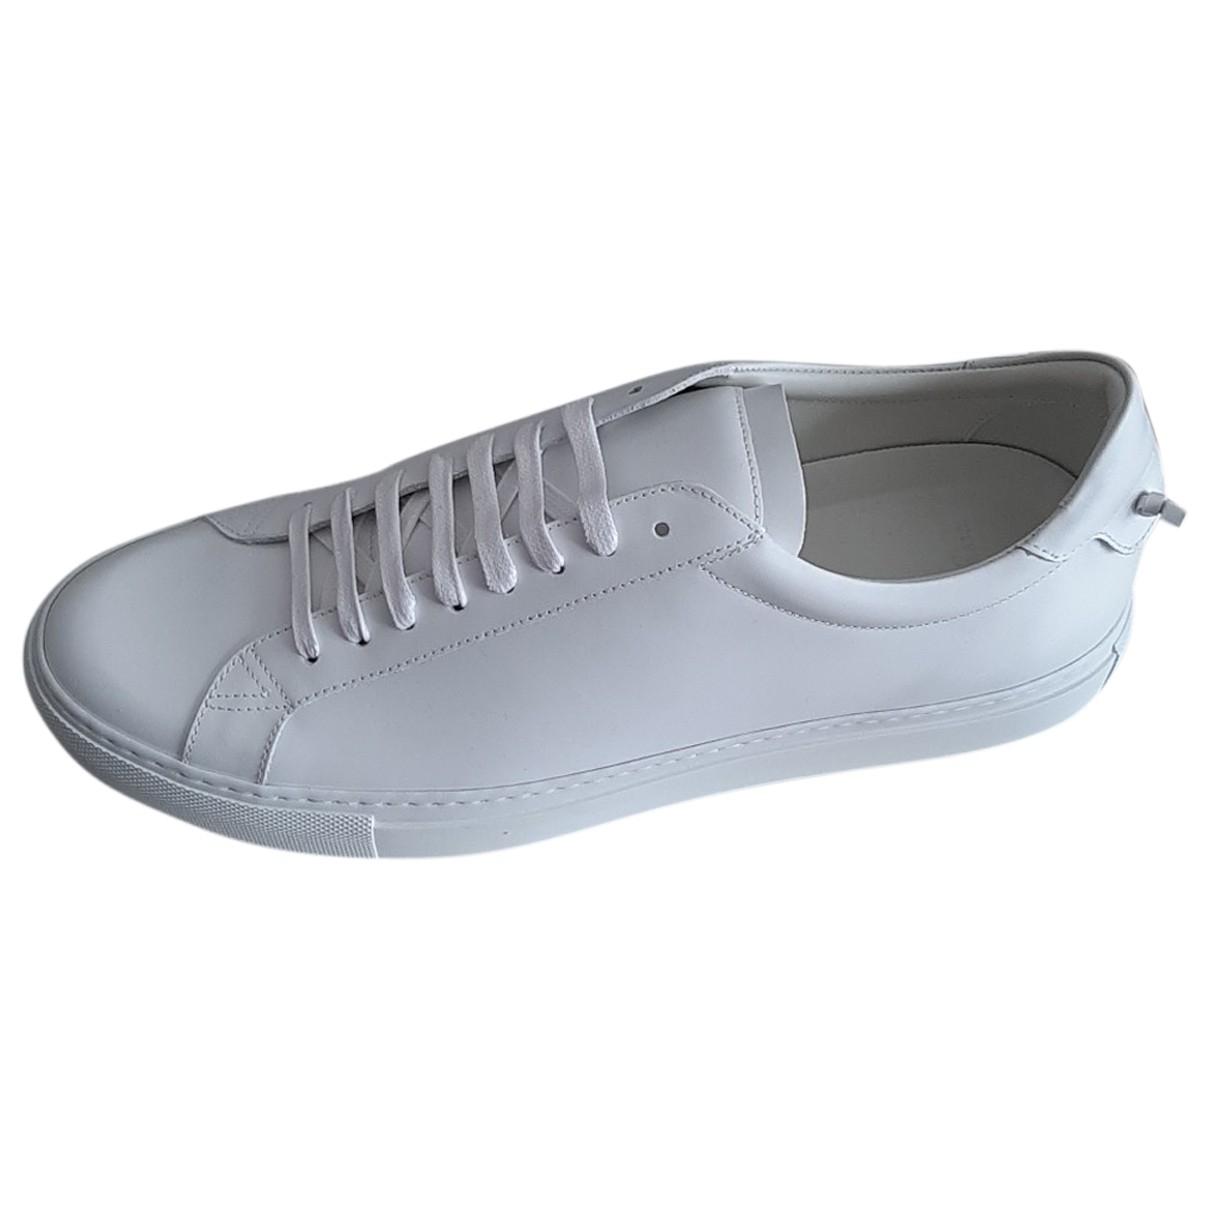 Givenchy - Baskets   pour homme en cuir - blanc